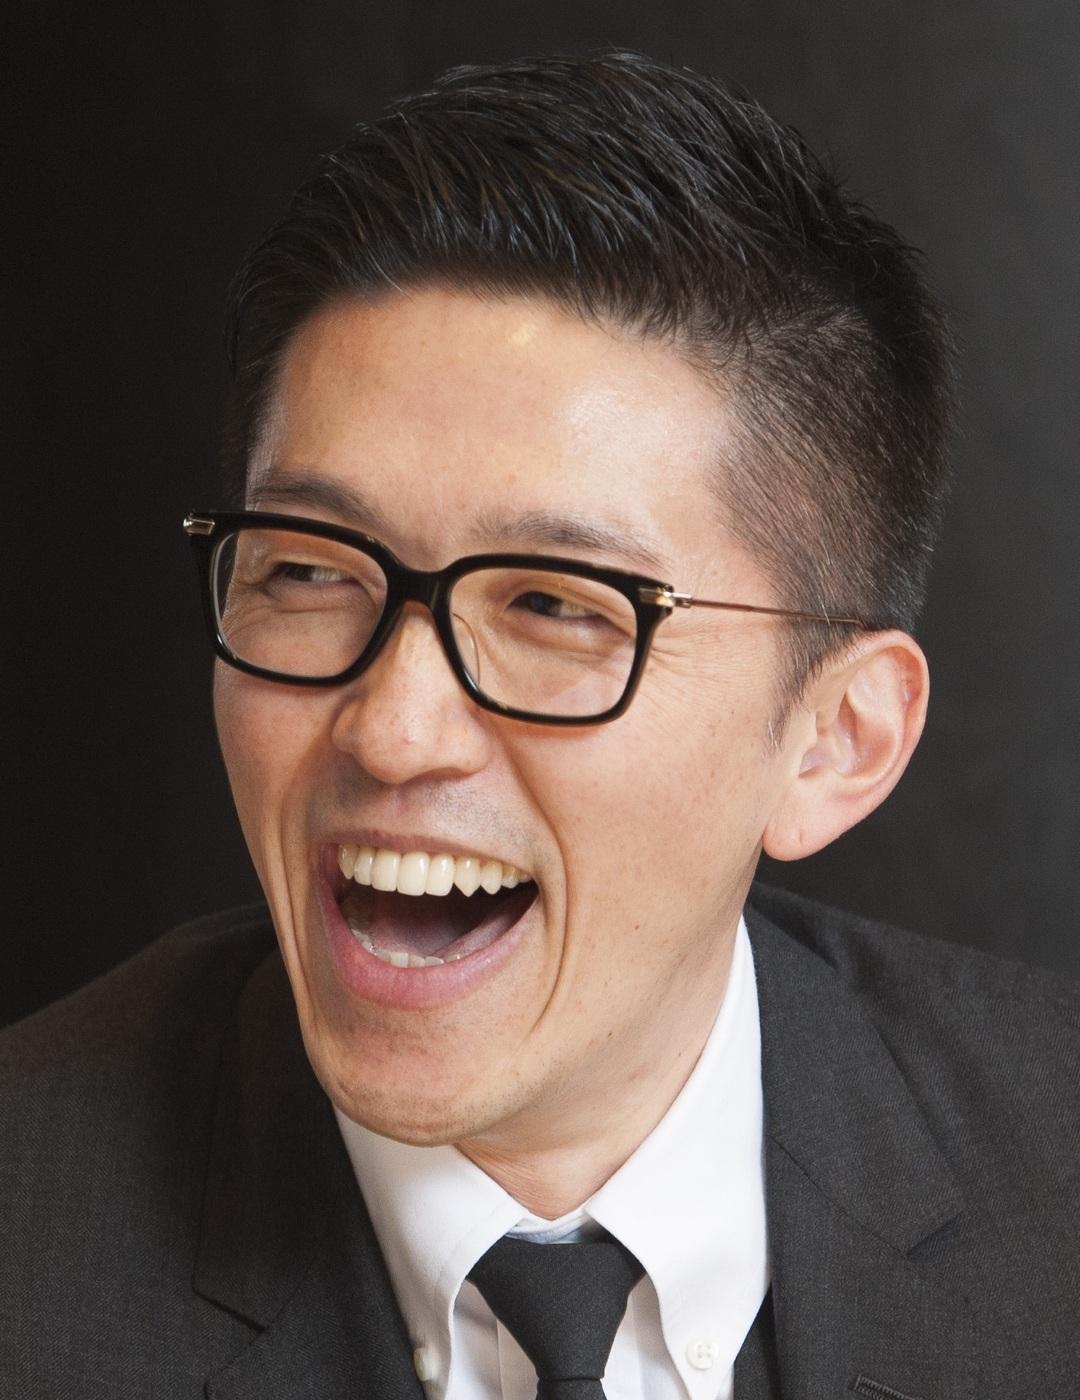 起業家対談シリーズ第7回 前澤友作<br />1日6時間で社会に貢献する方法を考えろ!